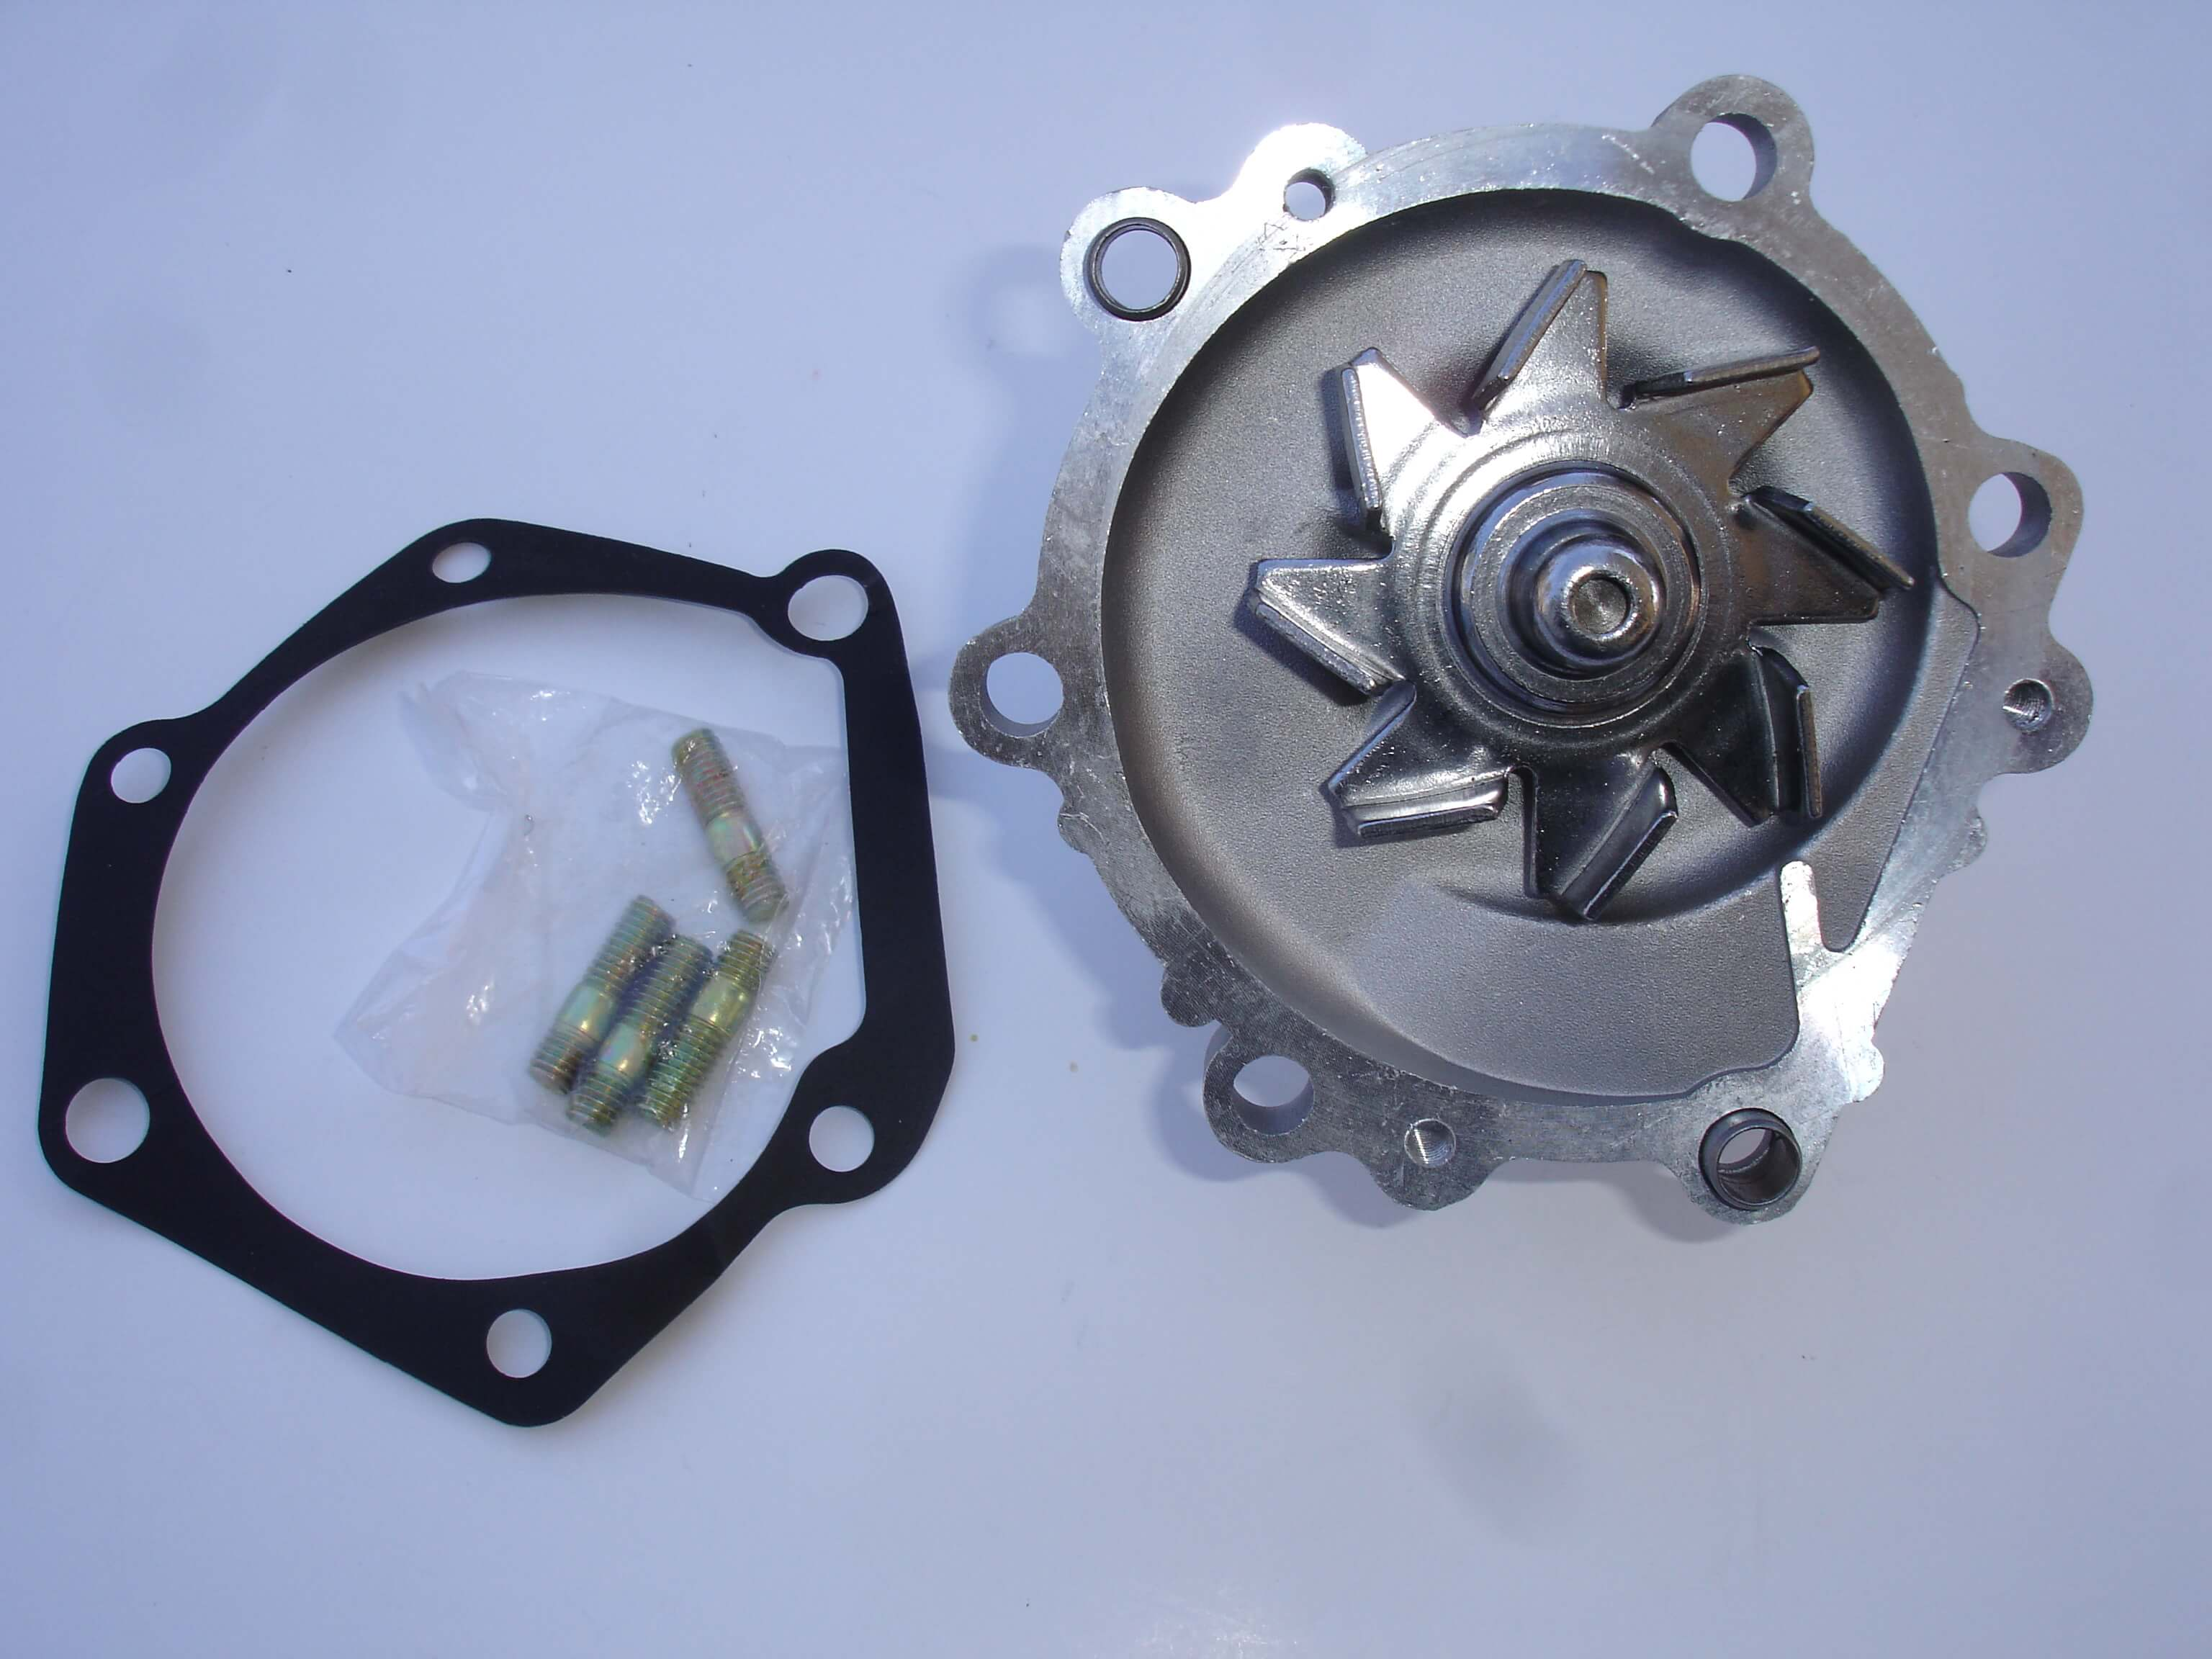 Toyota Diesel 2L 3L 5L Water Pump, Gasket, And Studs 16100-59257